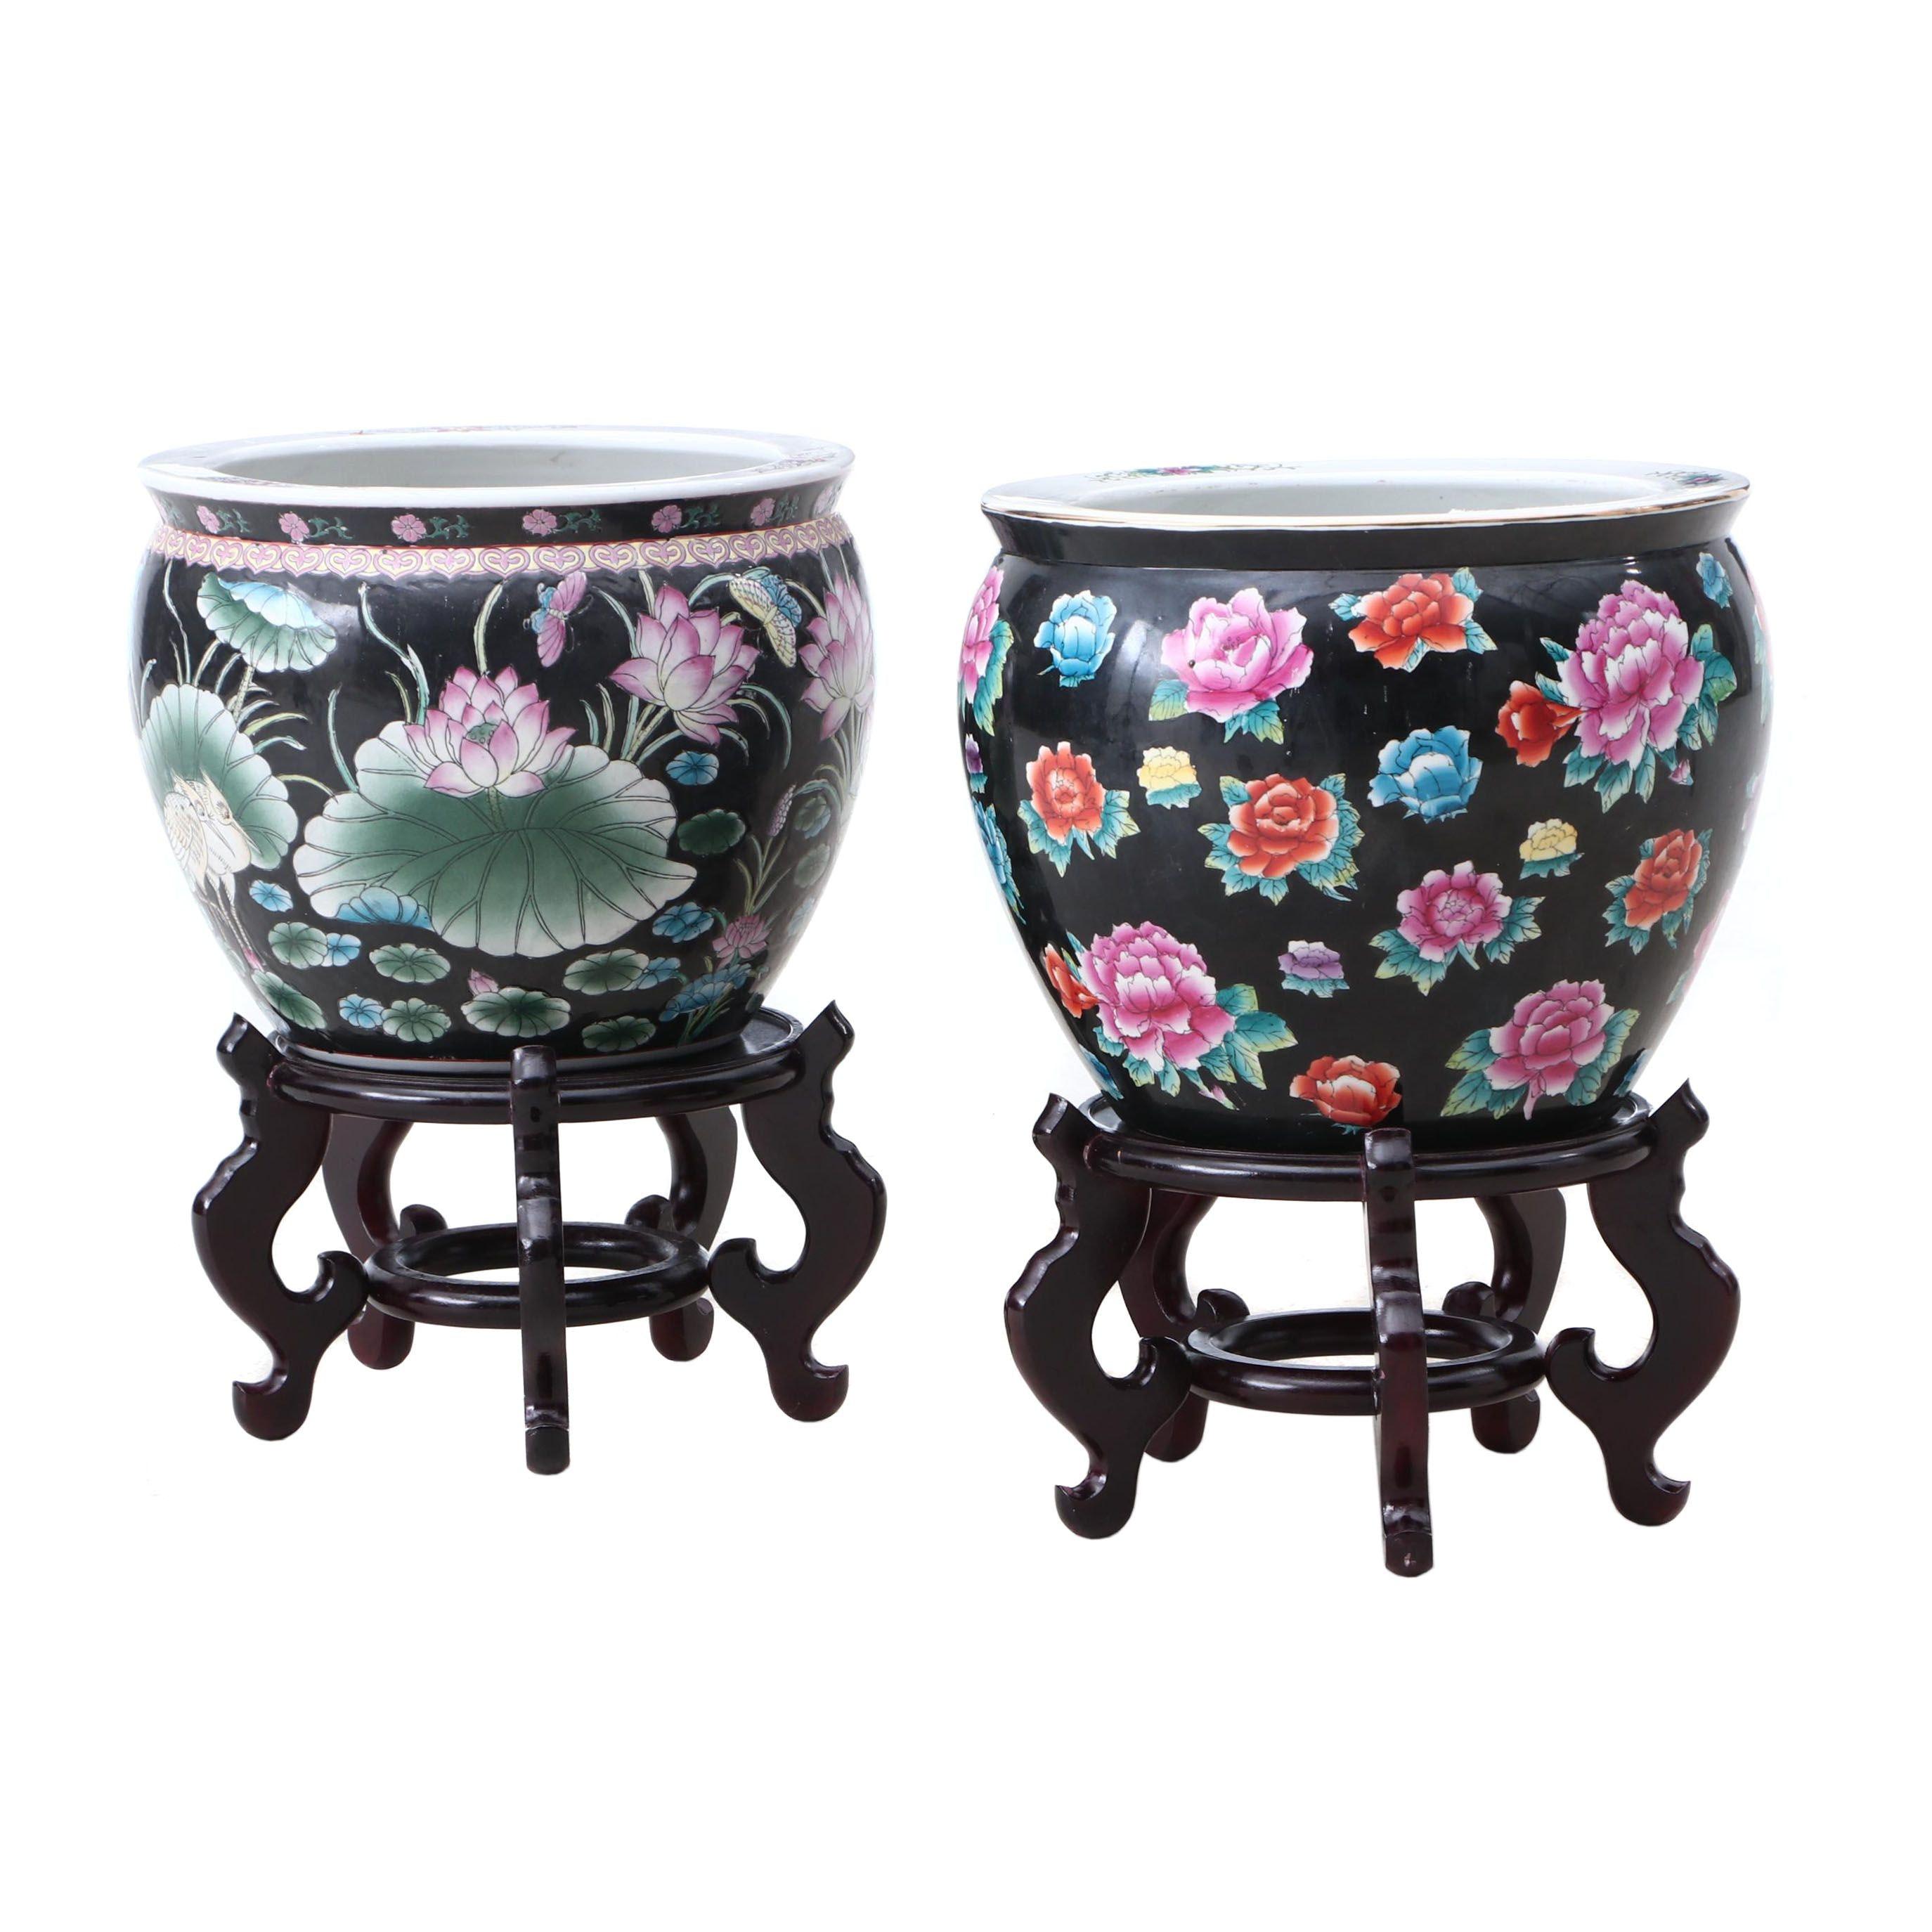 Chinese Ceramic Fishbowl Jardinieres